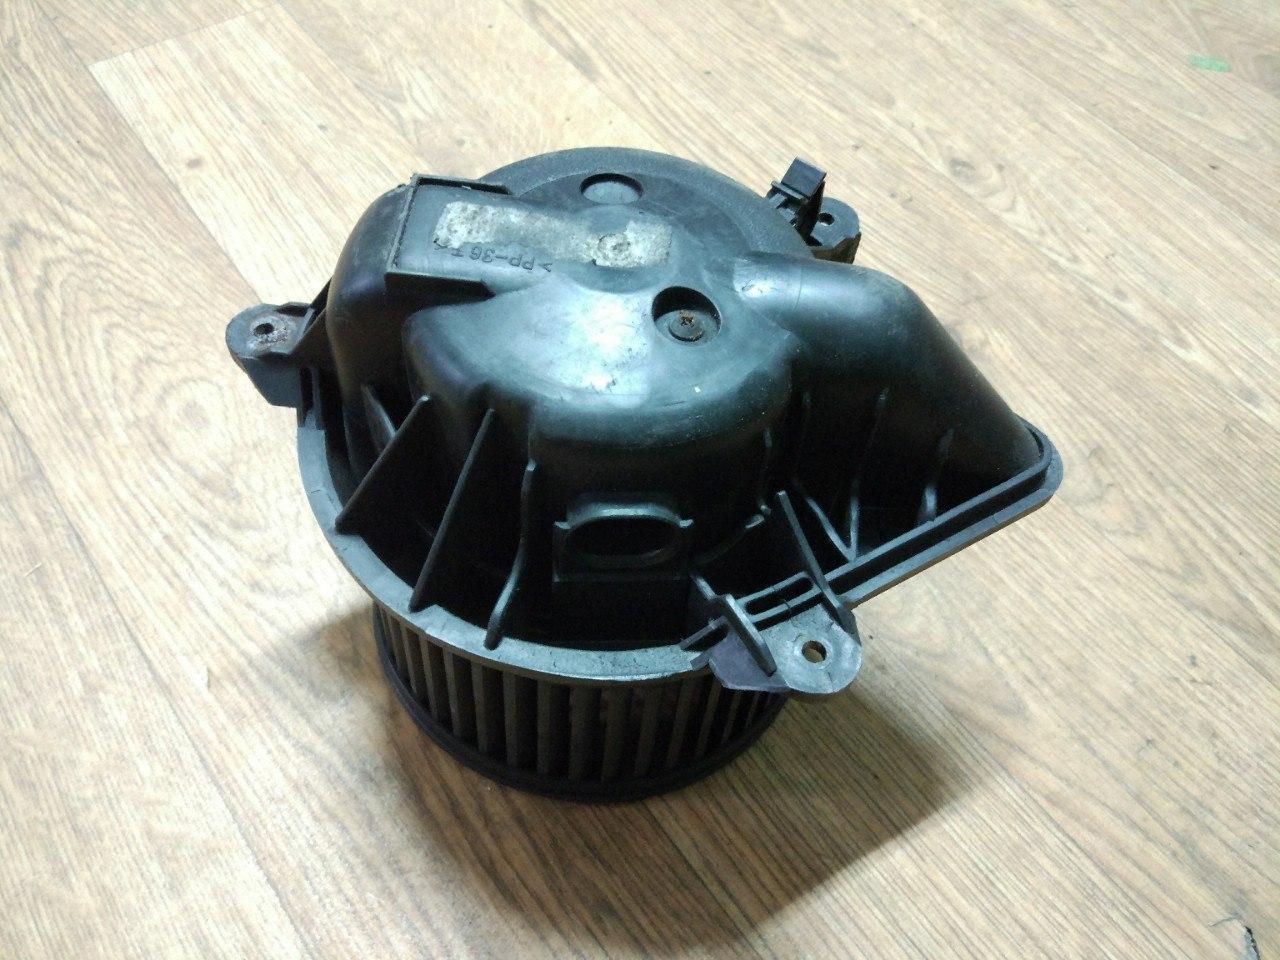 Вентилятор пічки (вузький роз'єм) Renault Trafic, Opel Vivaro 2001-2013, 7701050310 (Б/У)